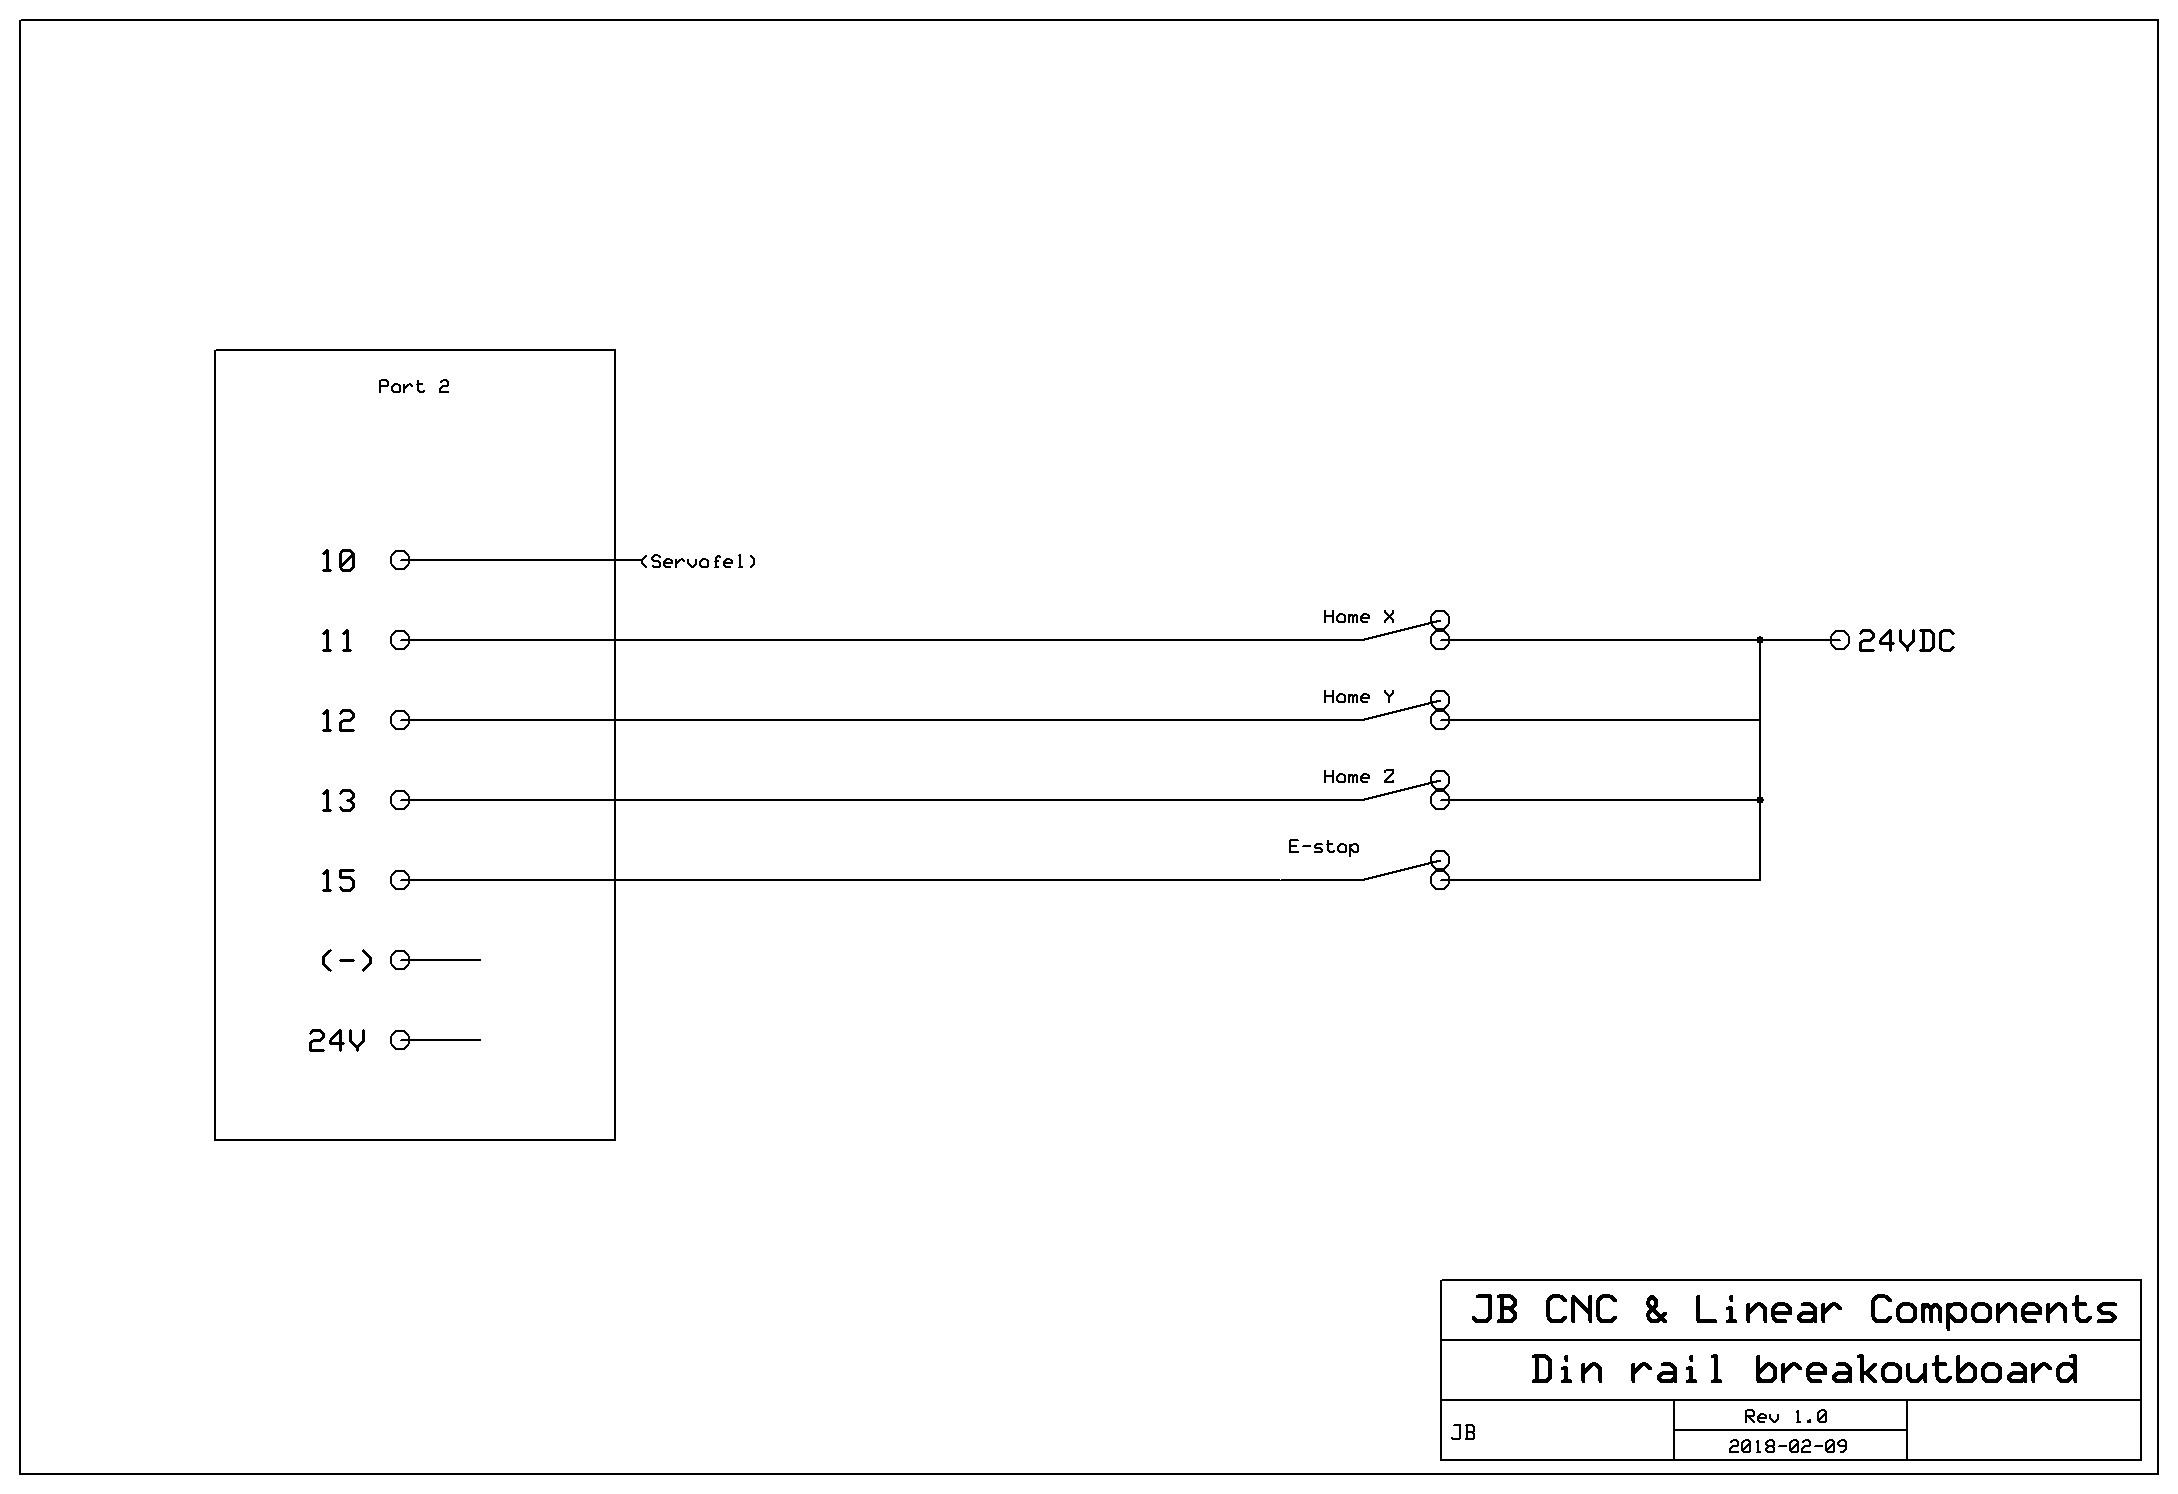 JBCNC I/O-kort Fjäderplint